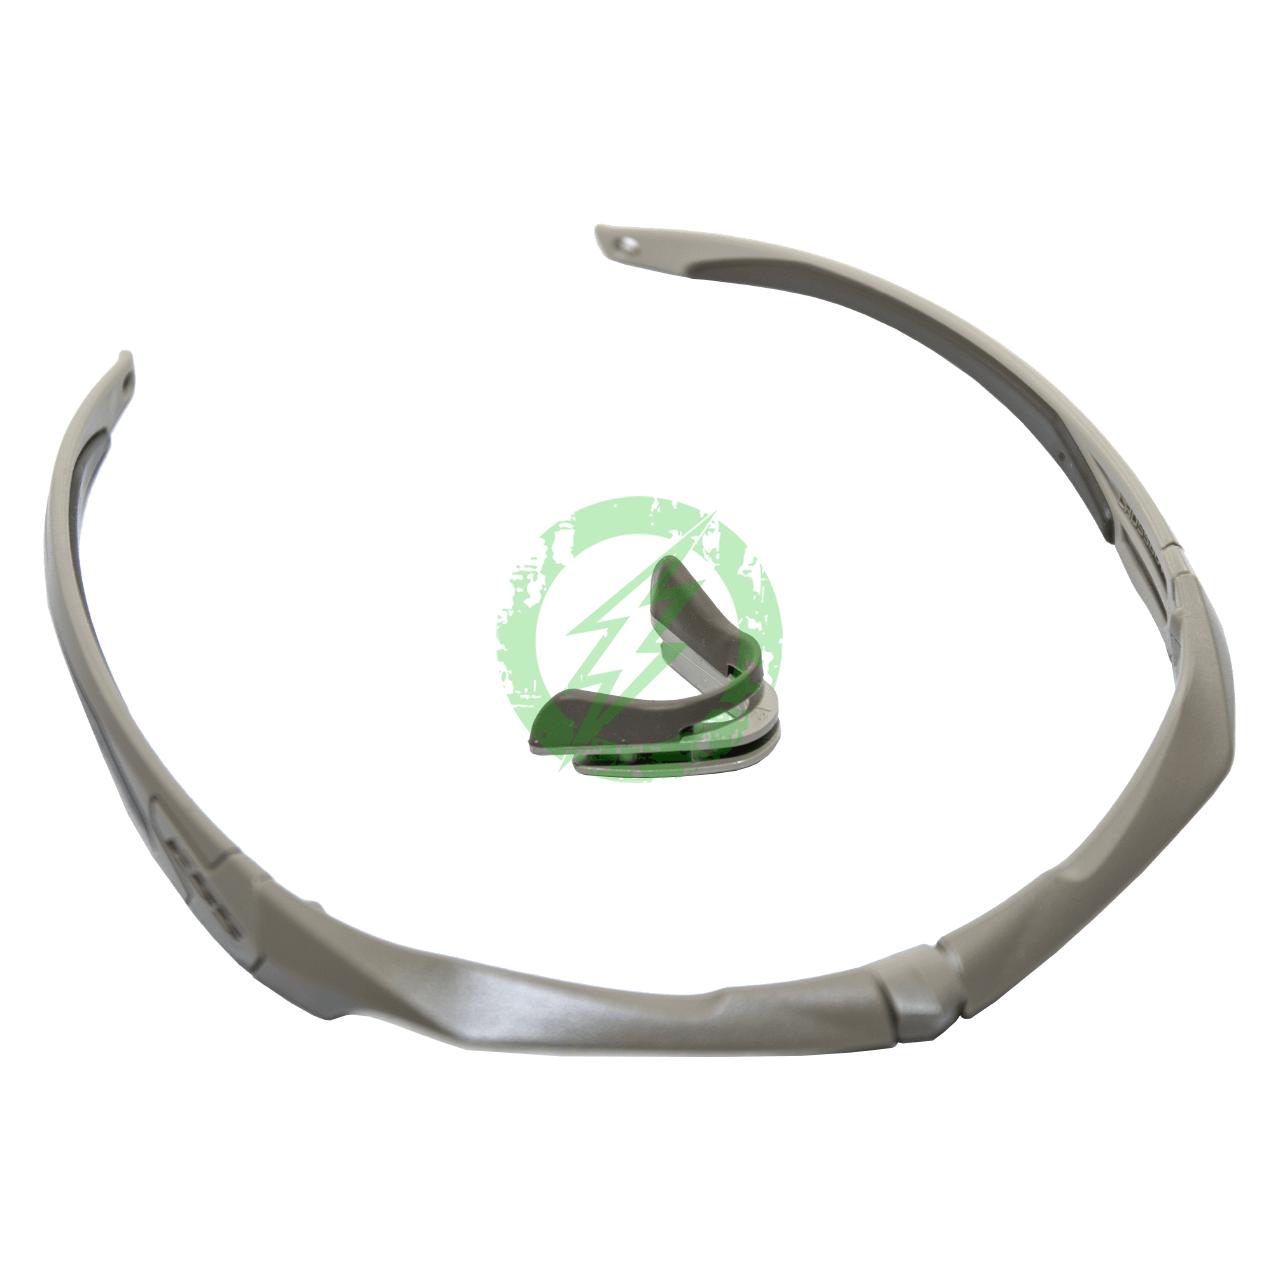 ESS Crossbow Tri-Tech Fit Frame | Terrain Tan